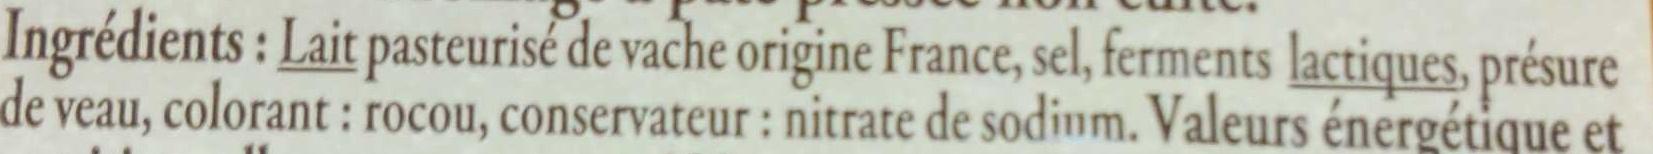 Mimolette vieille fabriquée en Normandie - Ingrédients - fr